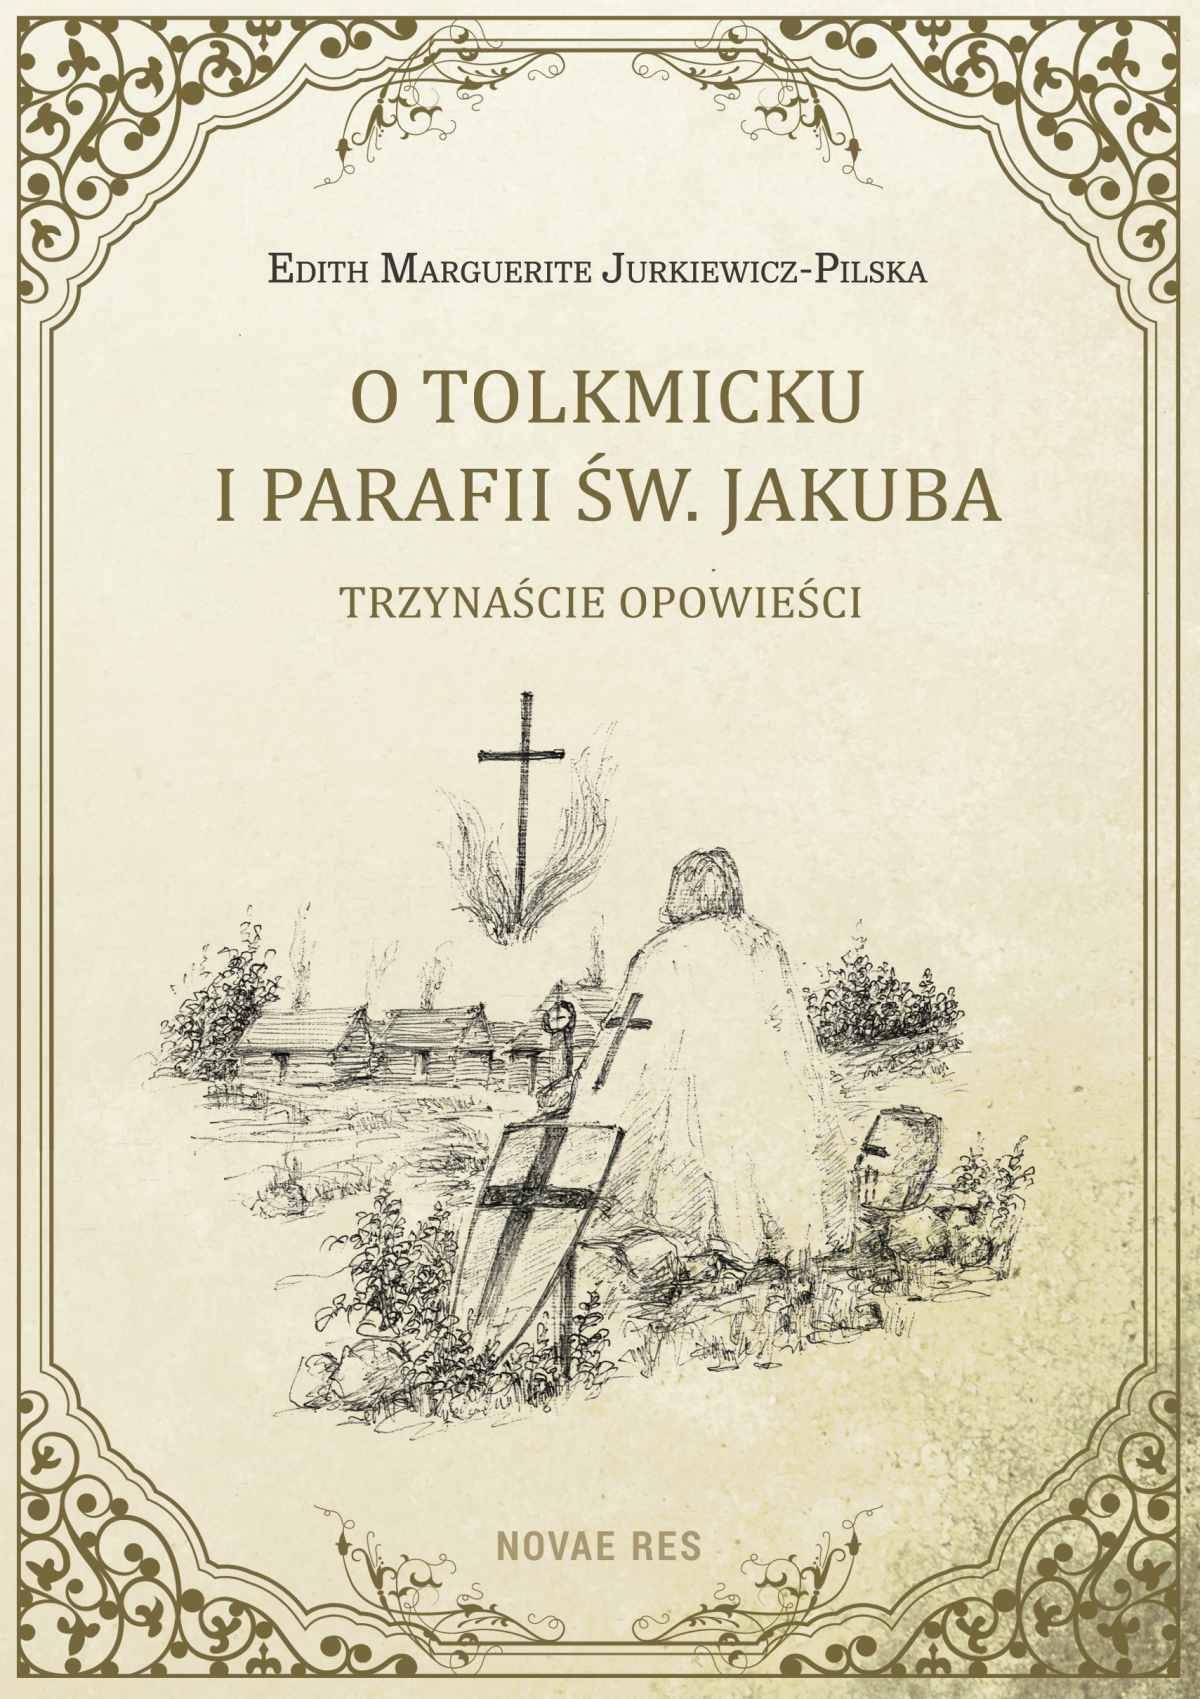 O Tolkmicku i parafii św. Jakuba - trzynaście opowieści - Ebook (Książka EPUB) do pobrania w formacie EPUB